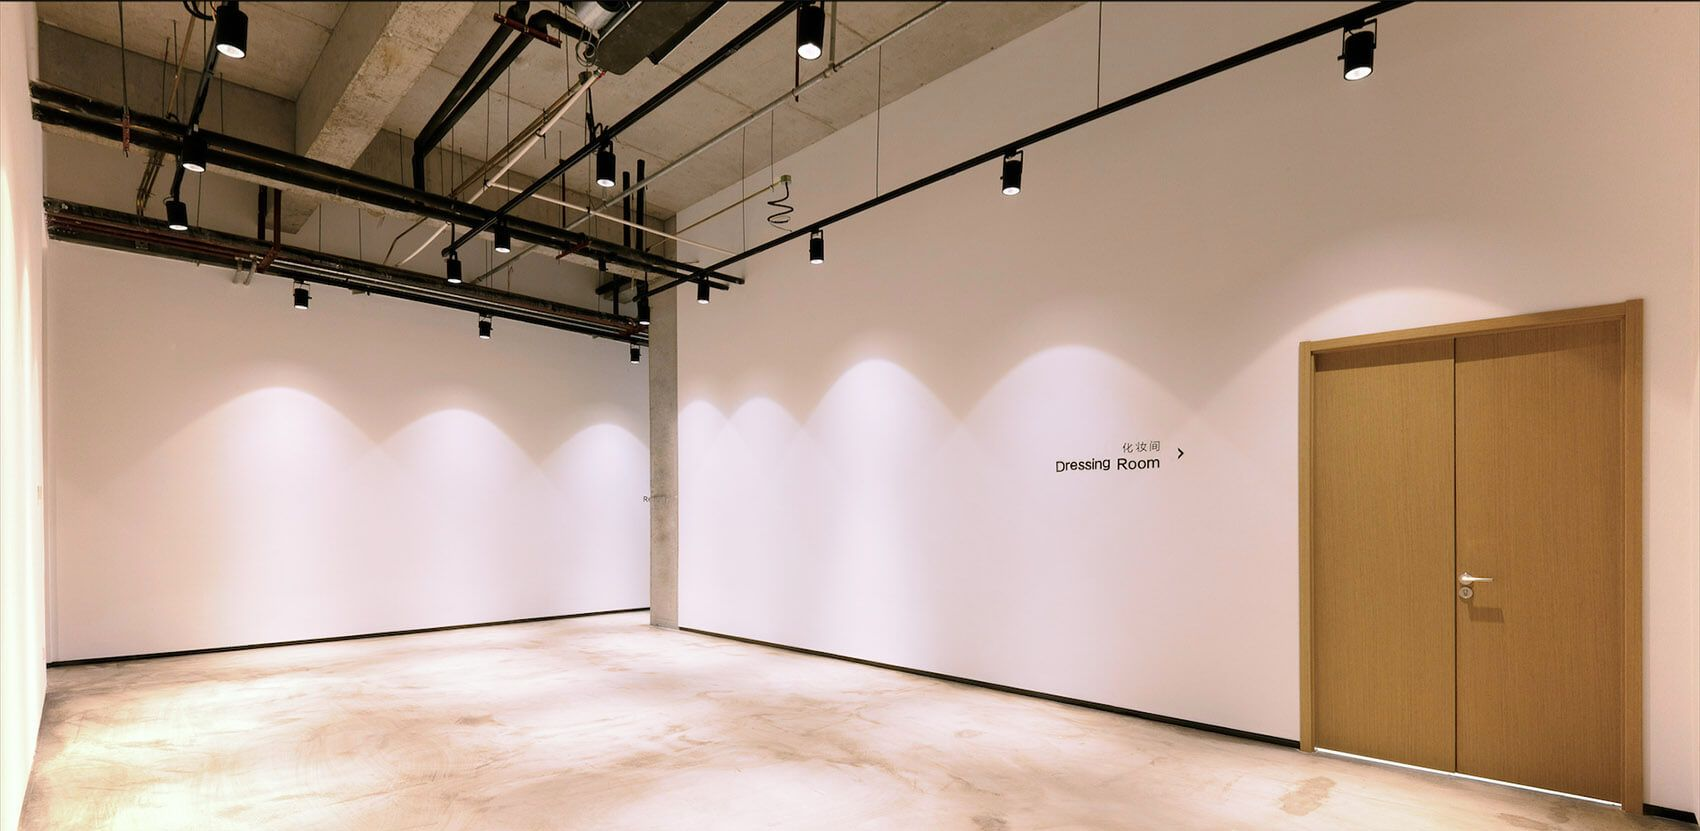 时尚工业风:北京服装学院容成时尚创意产业园办公空间设计| - 20